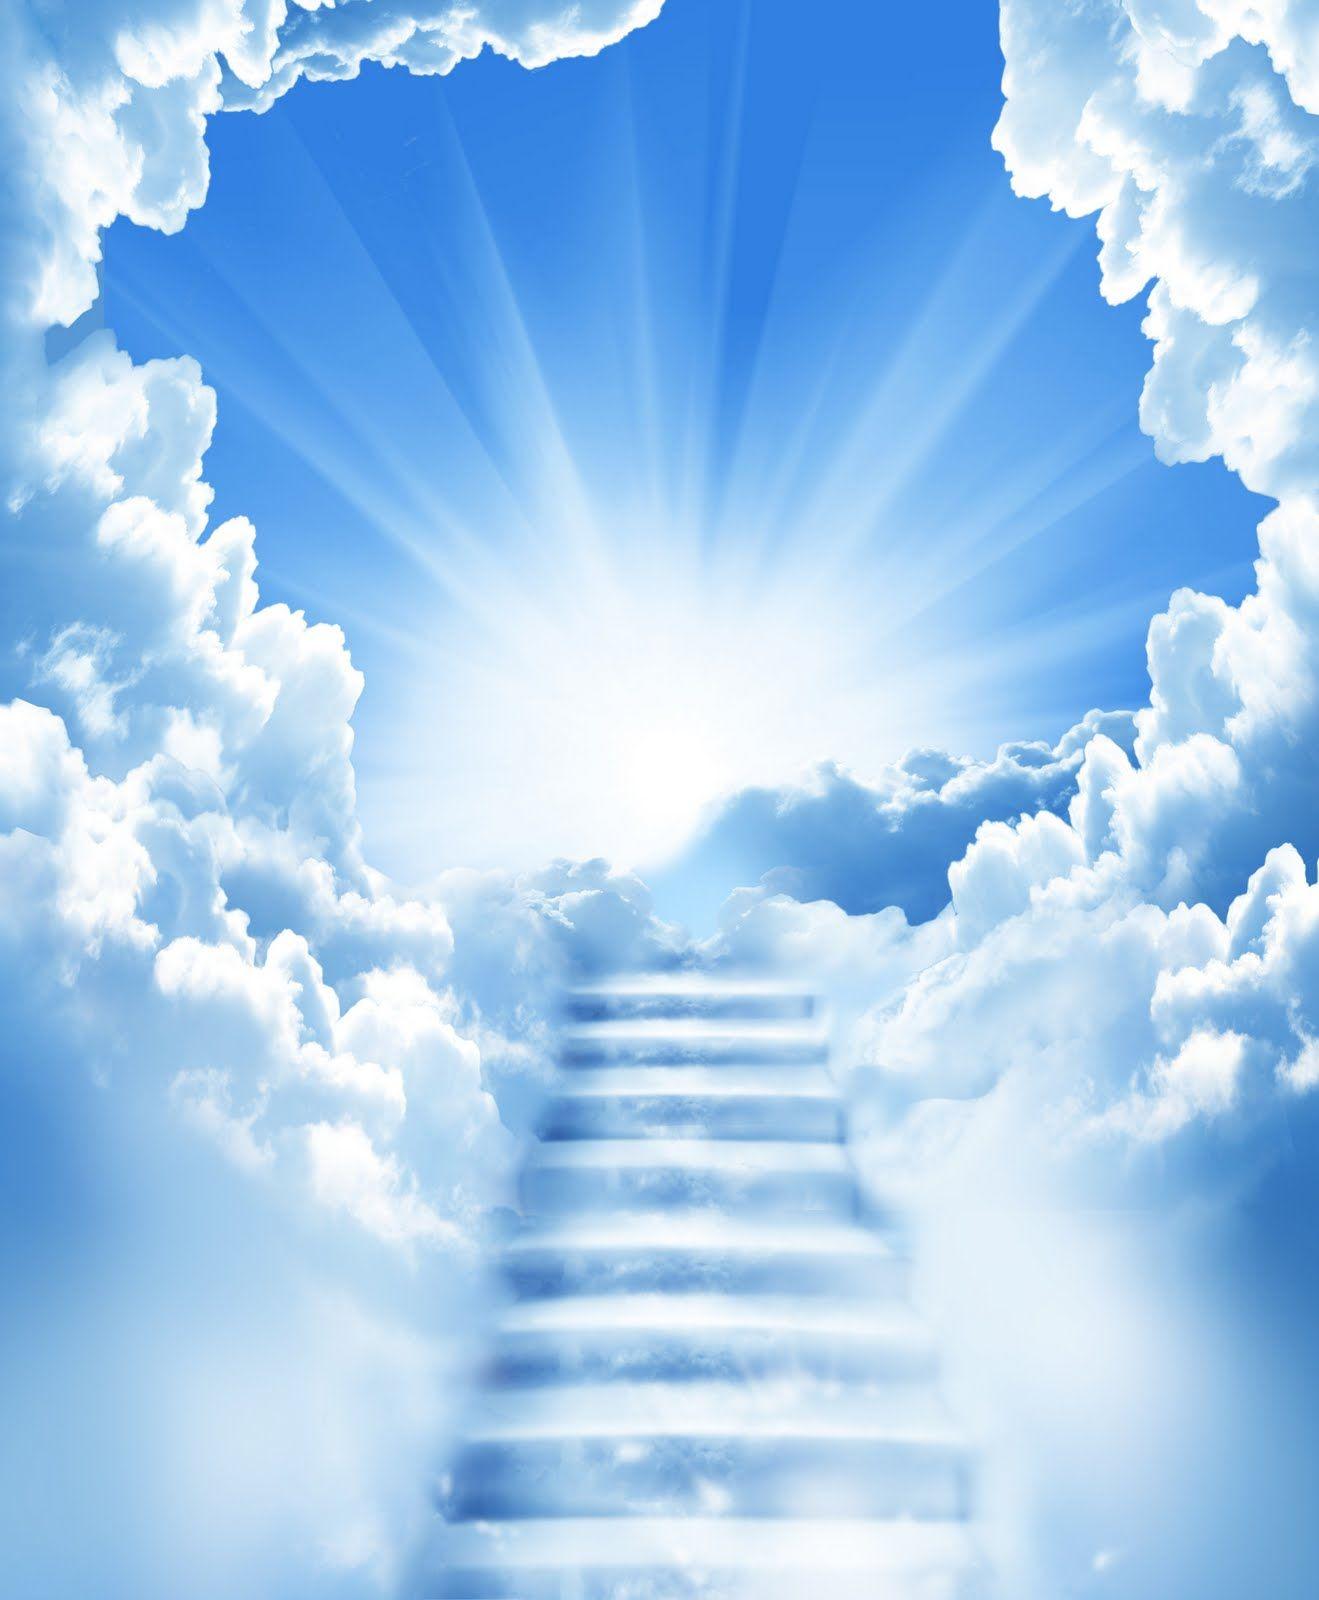 картинка лестница в небо попросил